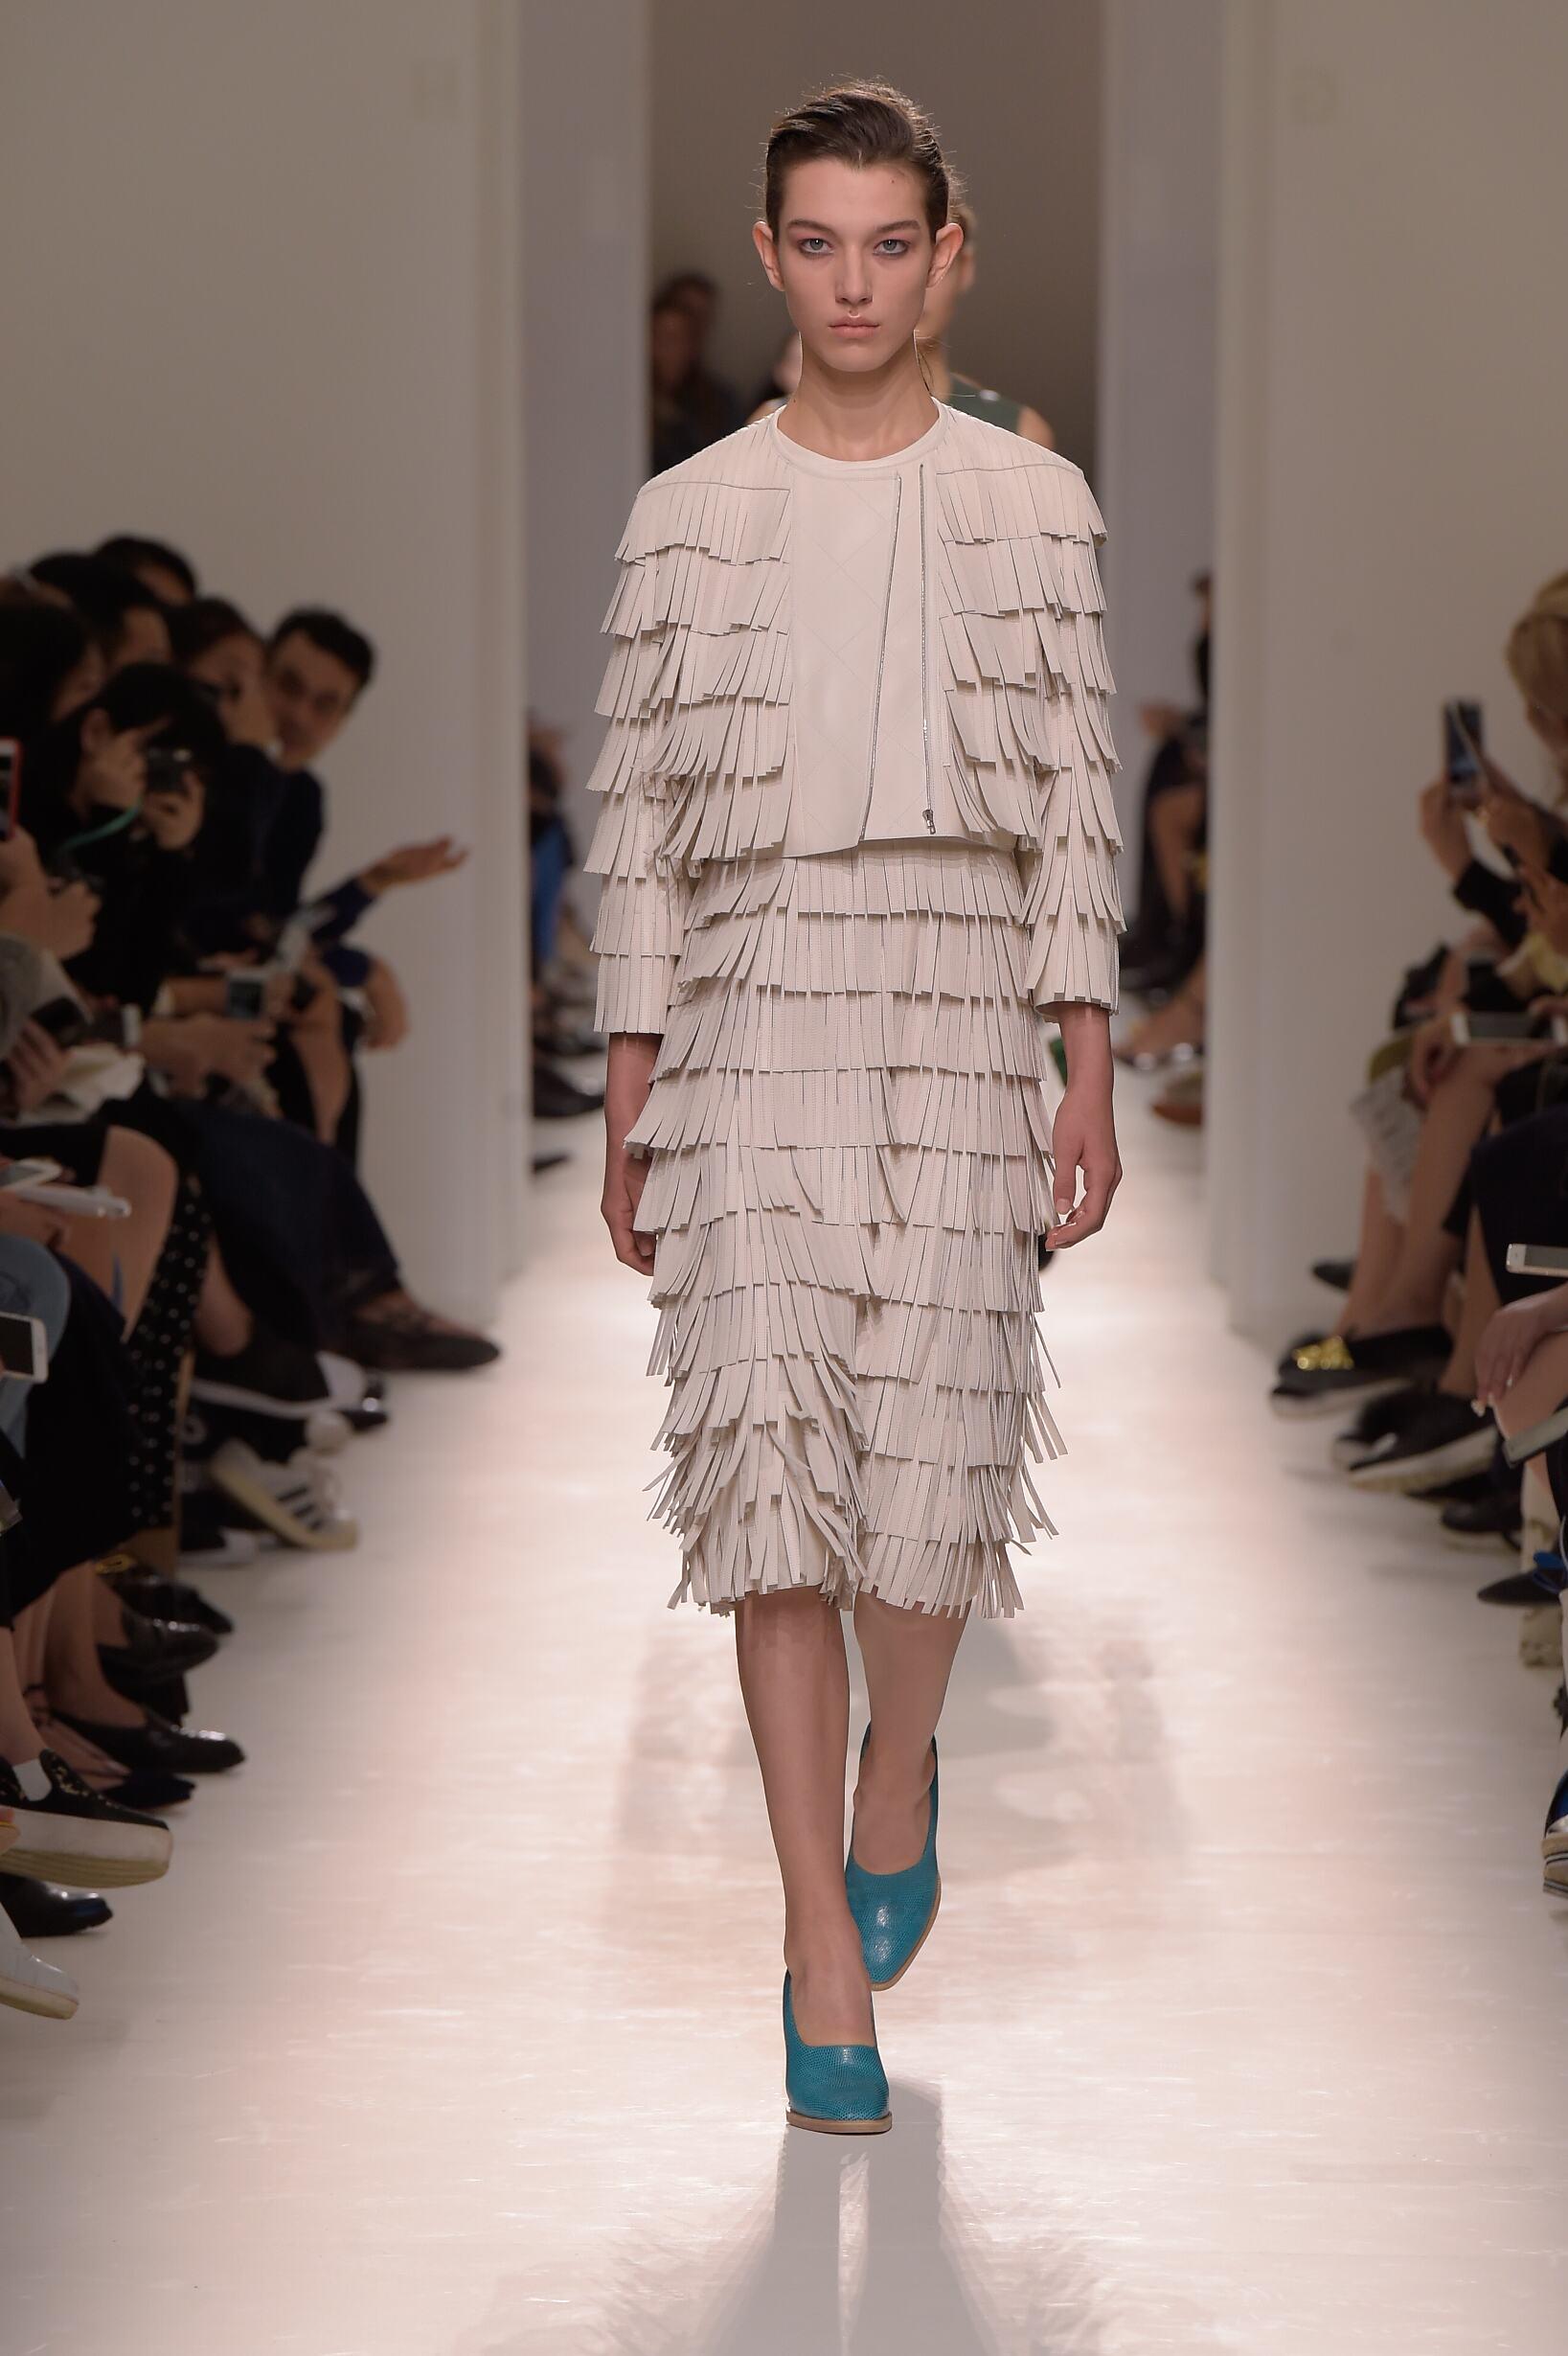 2017 Hermès Catwalk